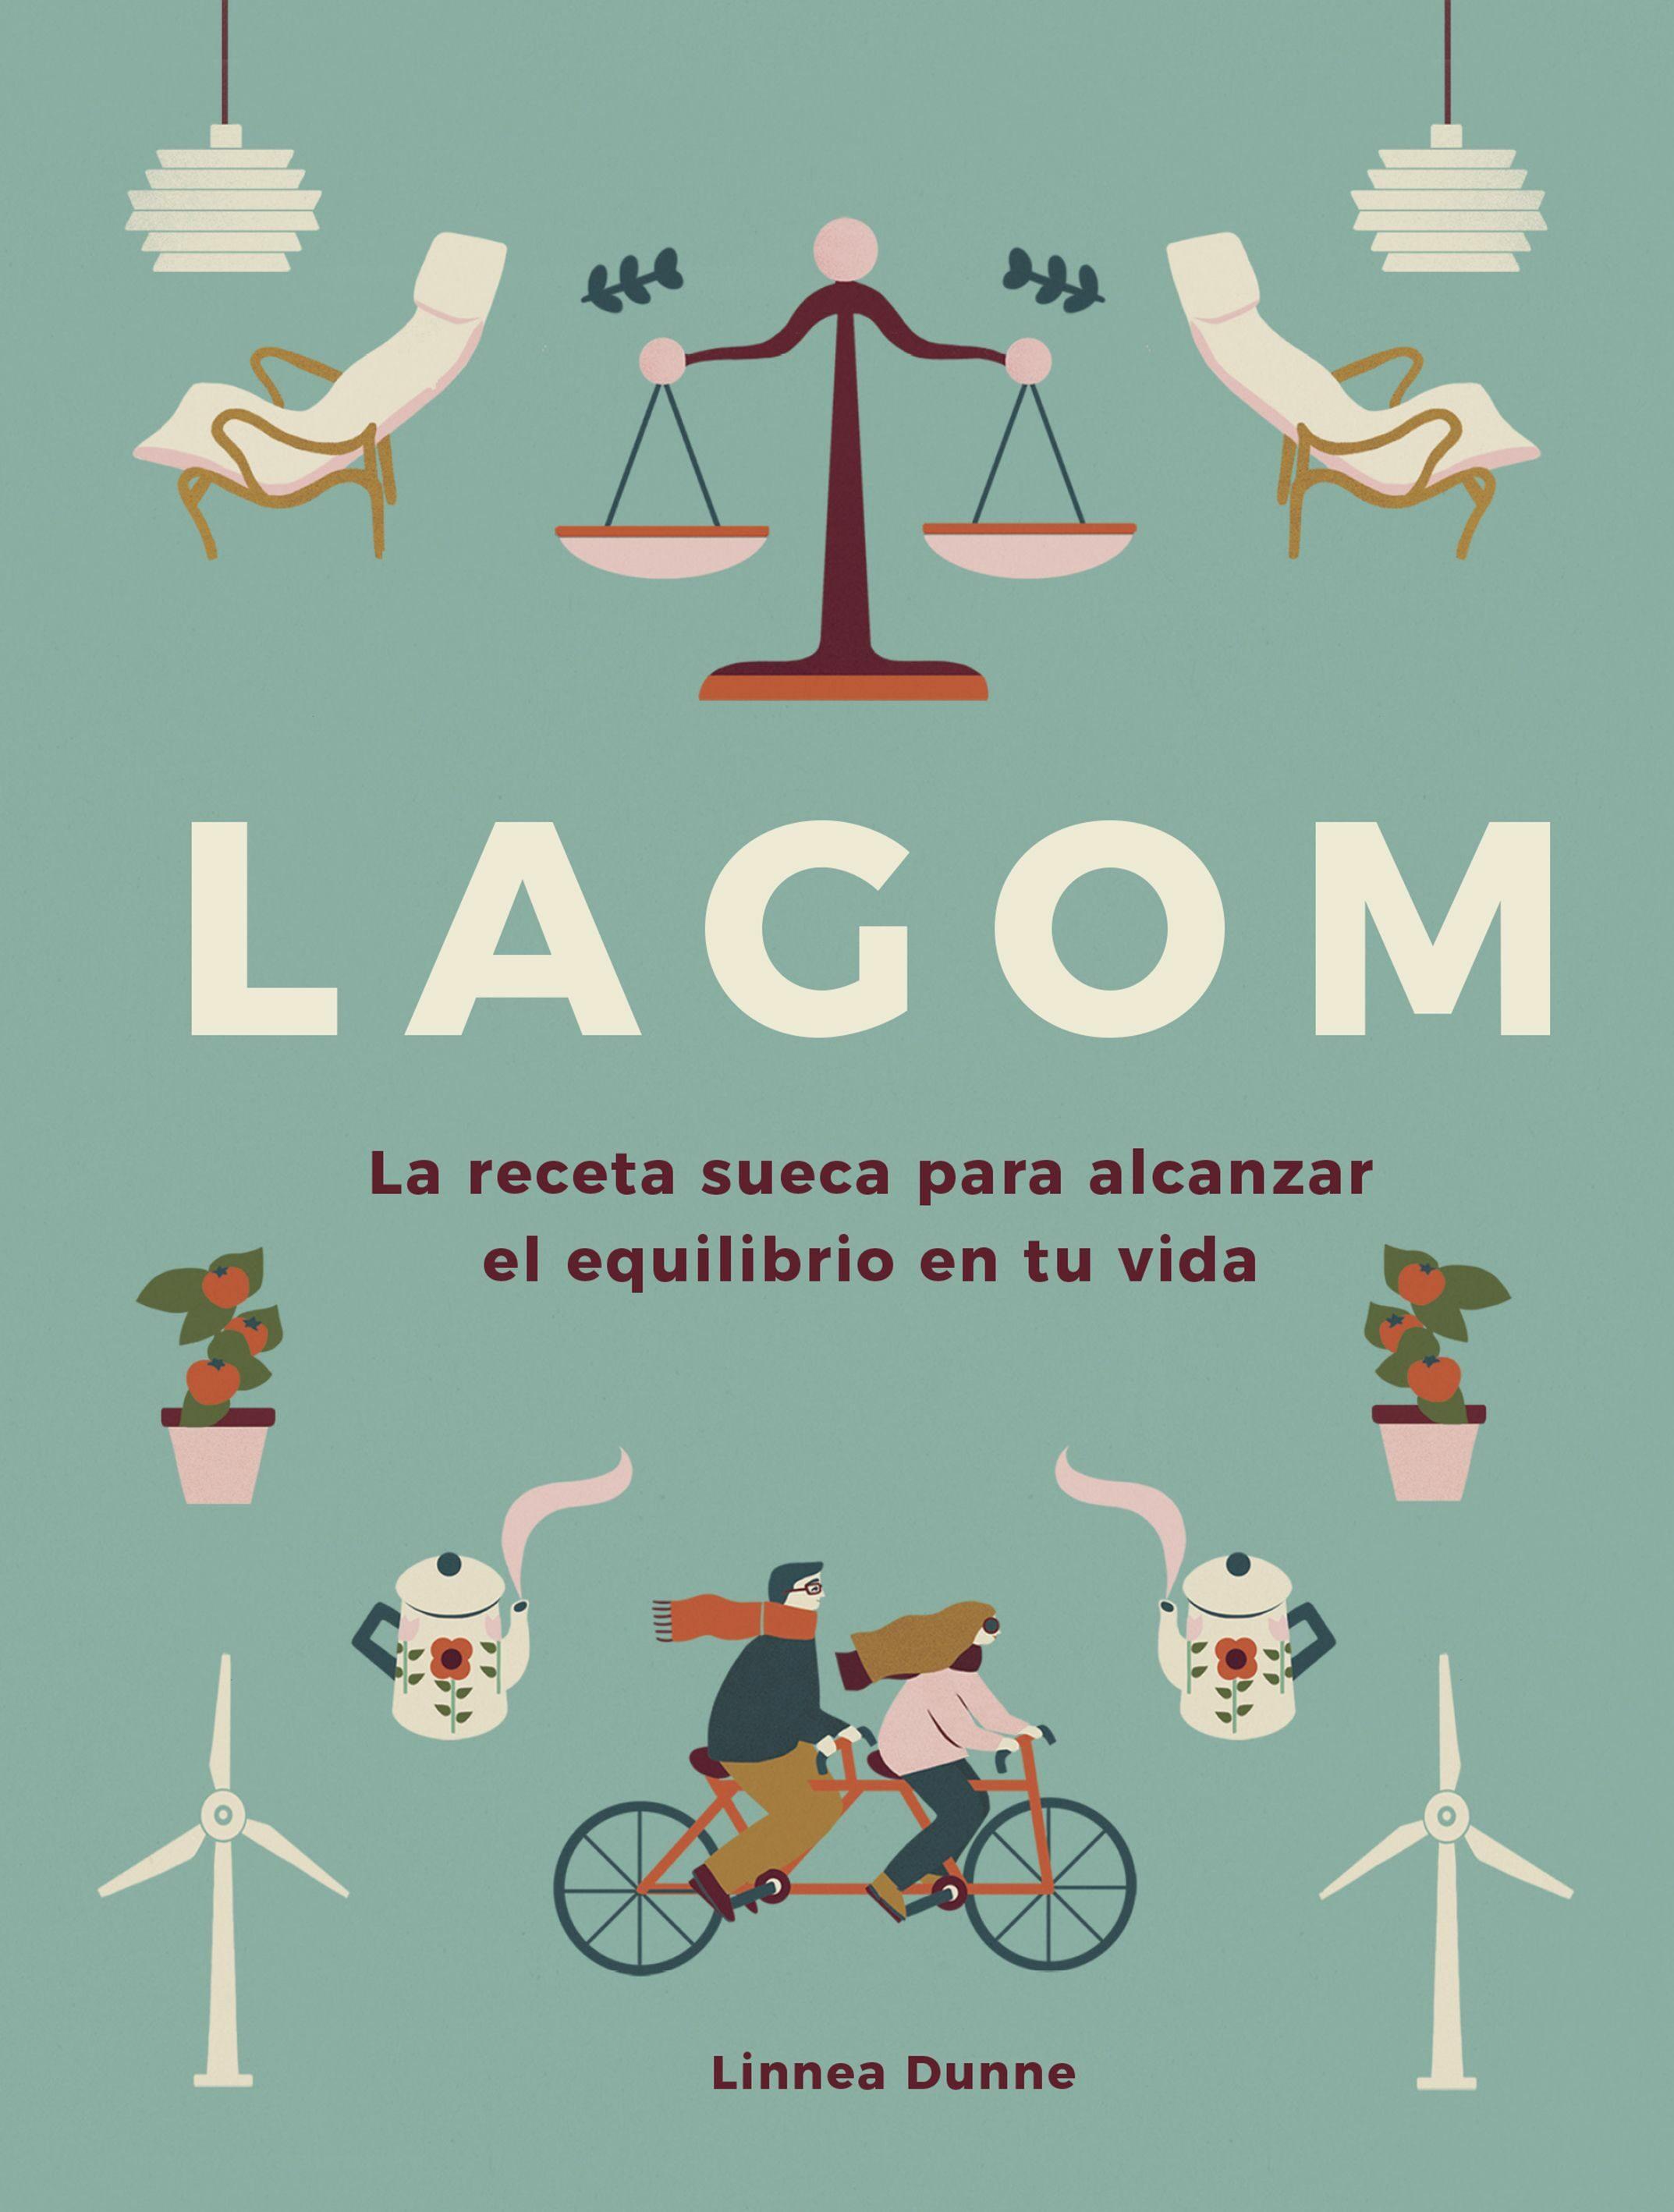 LAGOM. La receta sueca para alcanzar el equilibrio en tu vida.